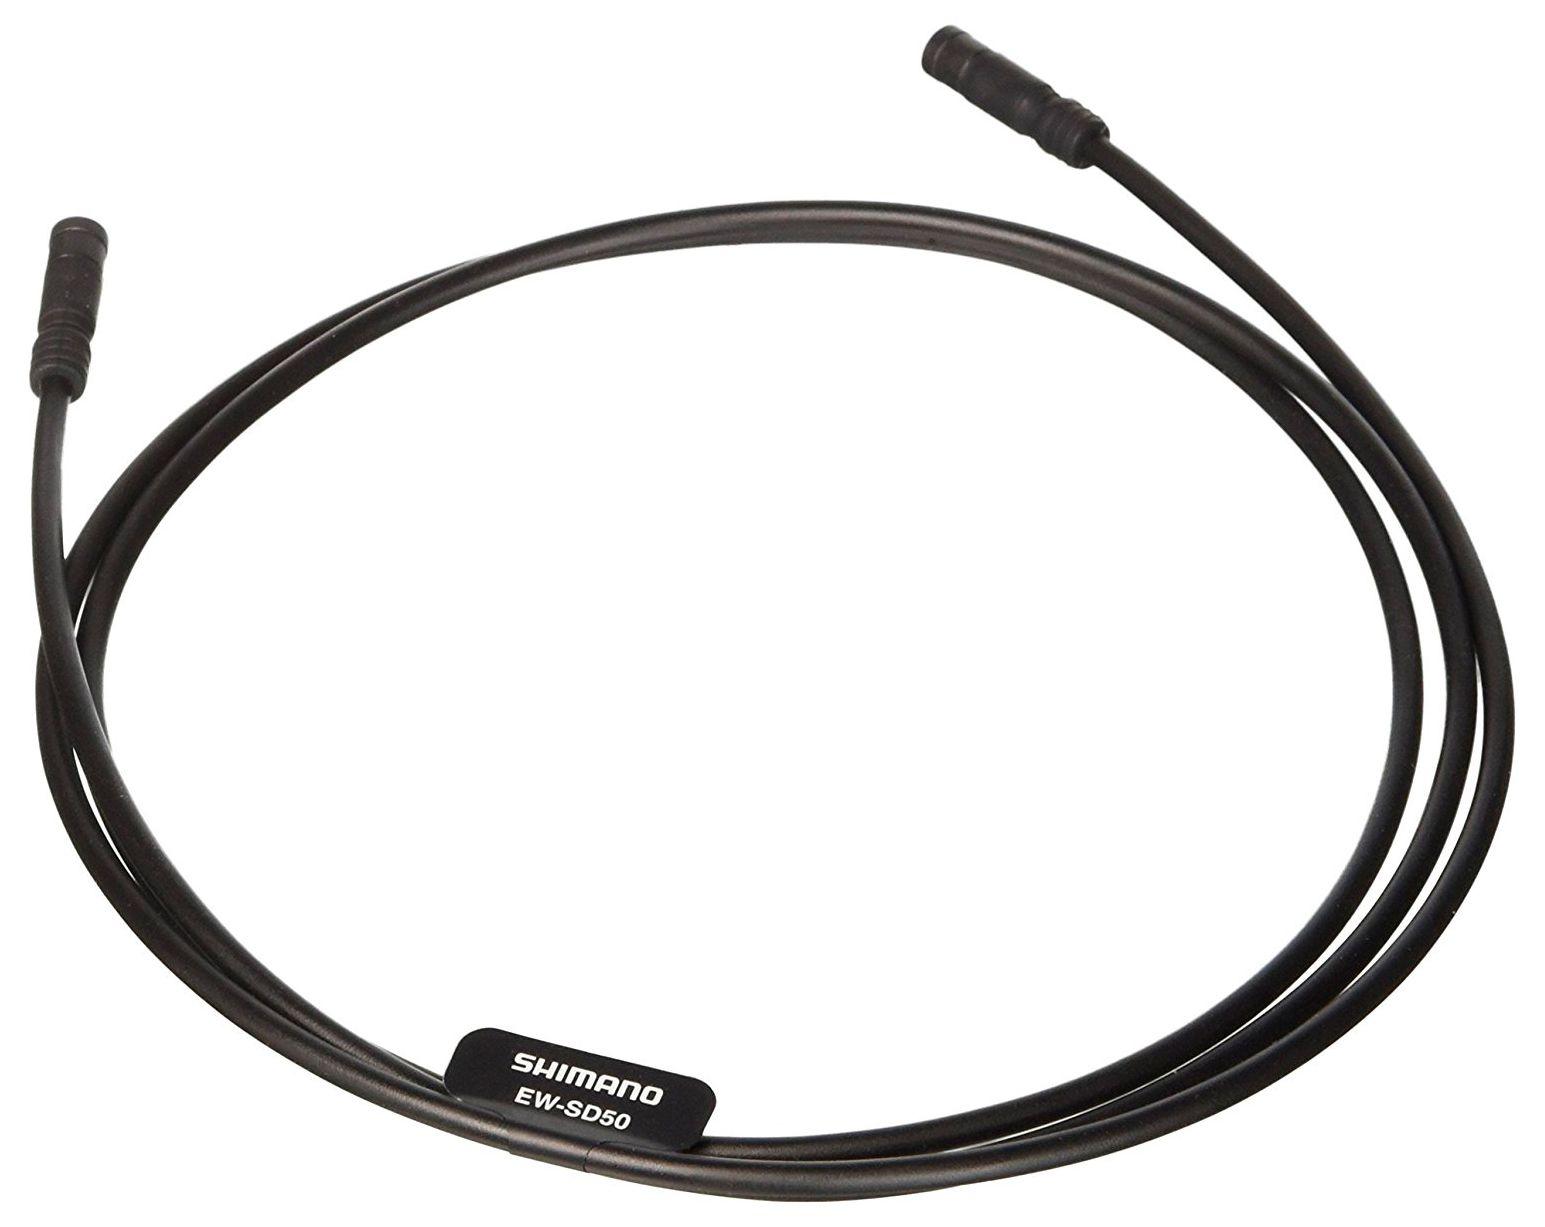 Запчасть Shimano электропровод EW-SD50, для Ultegra Di2, 1000 мм запчасть shimano ultegra 6700 ics670010225